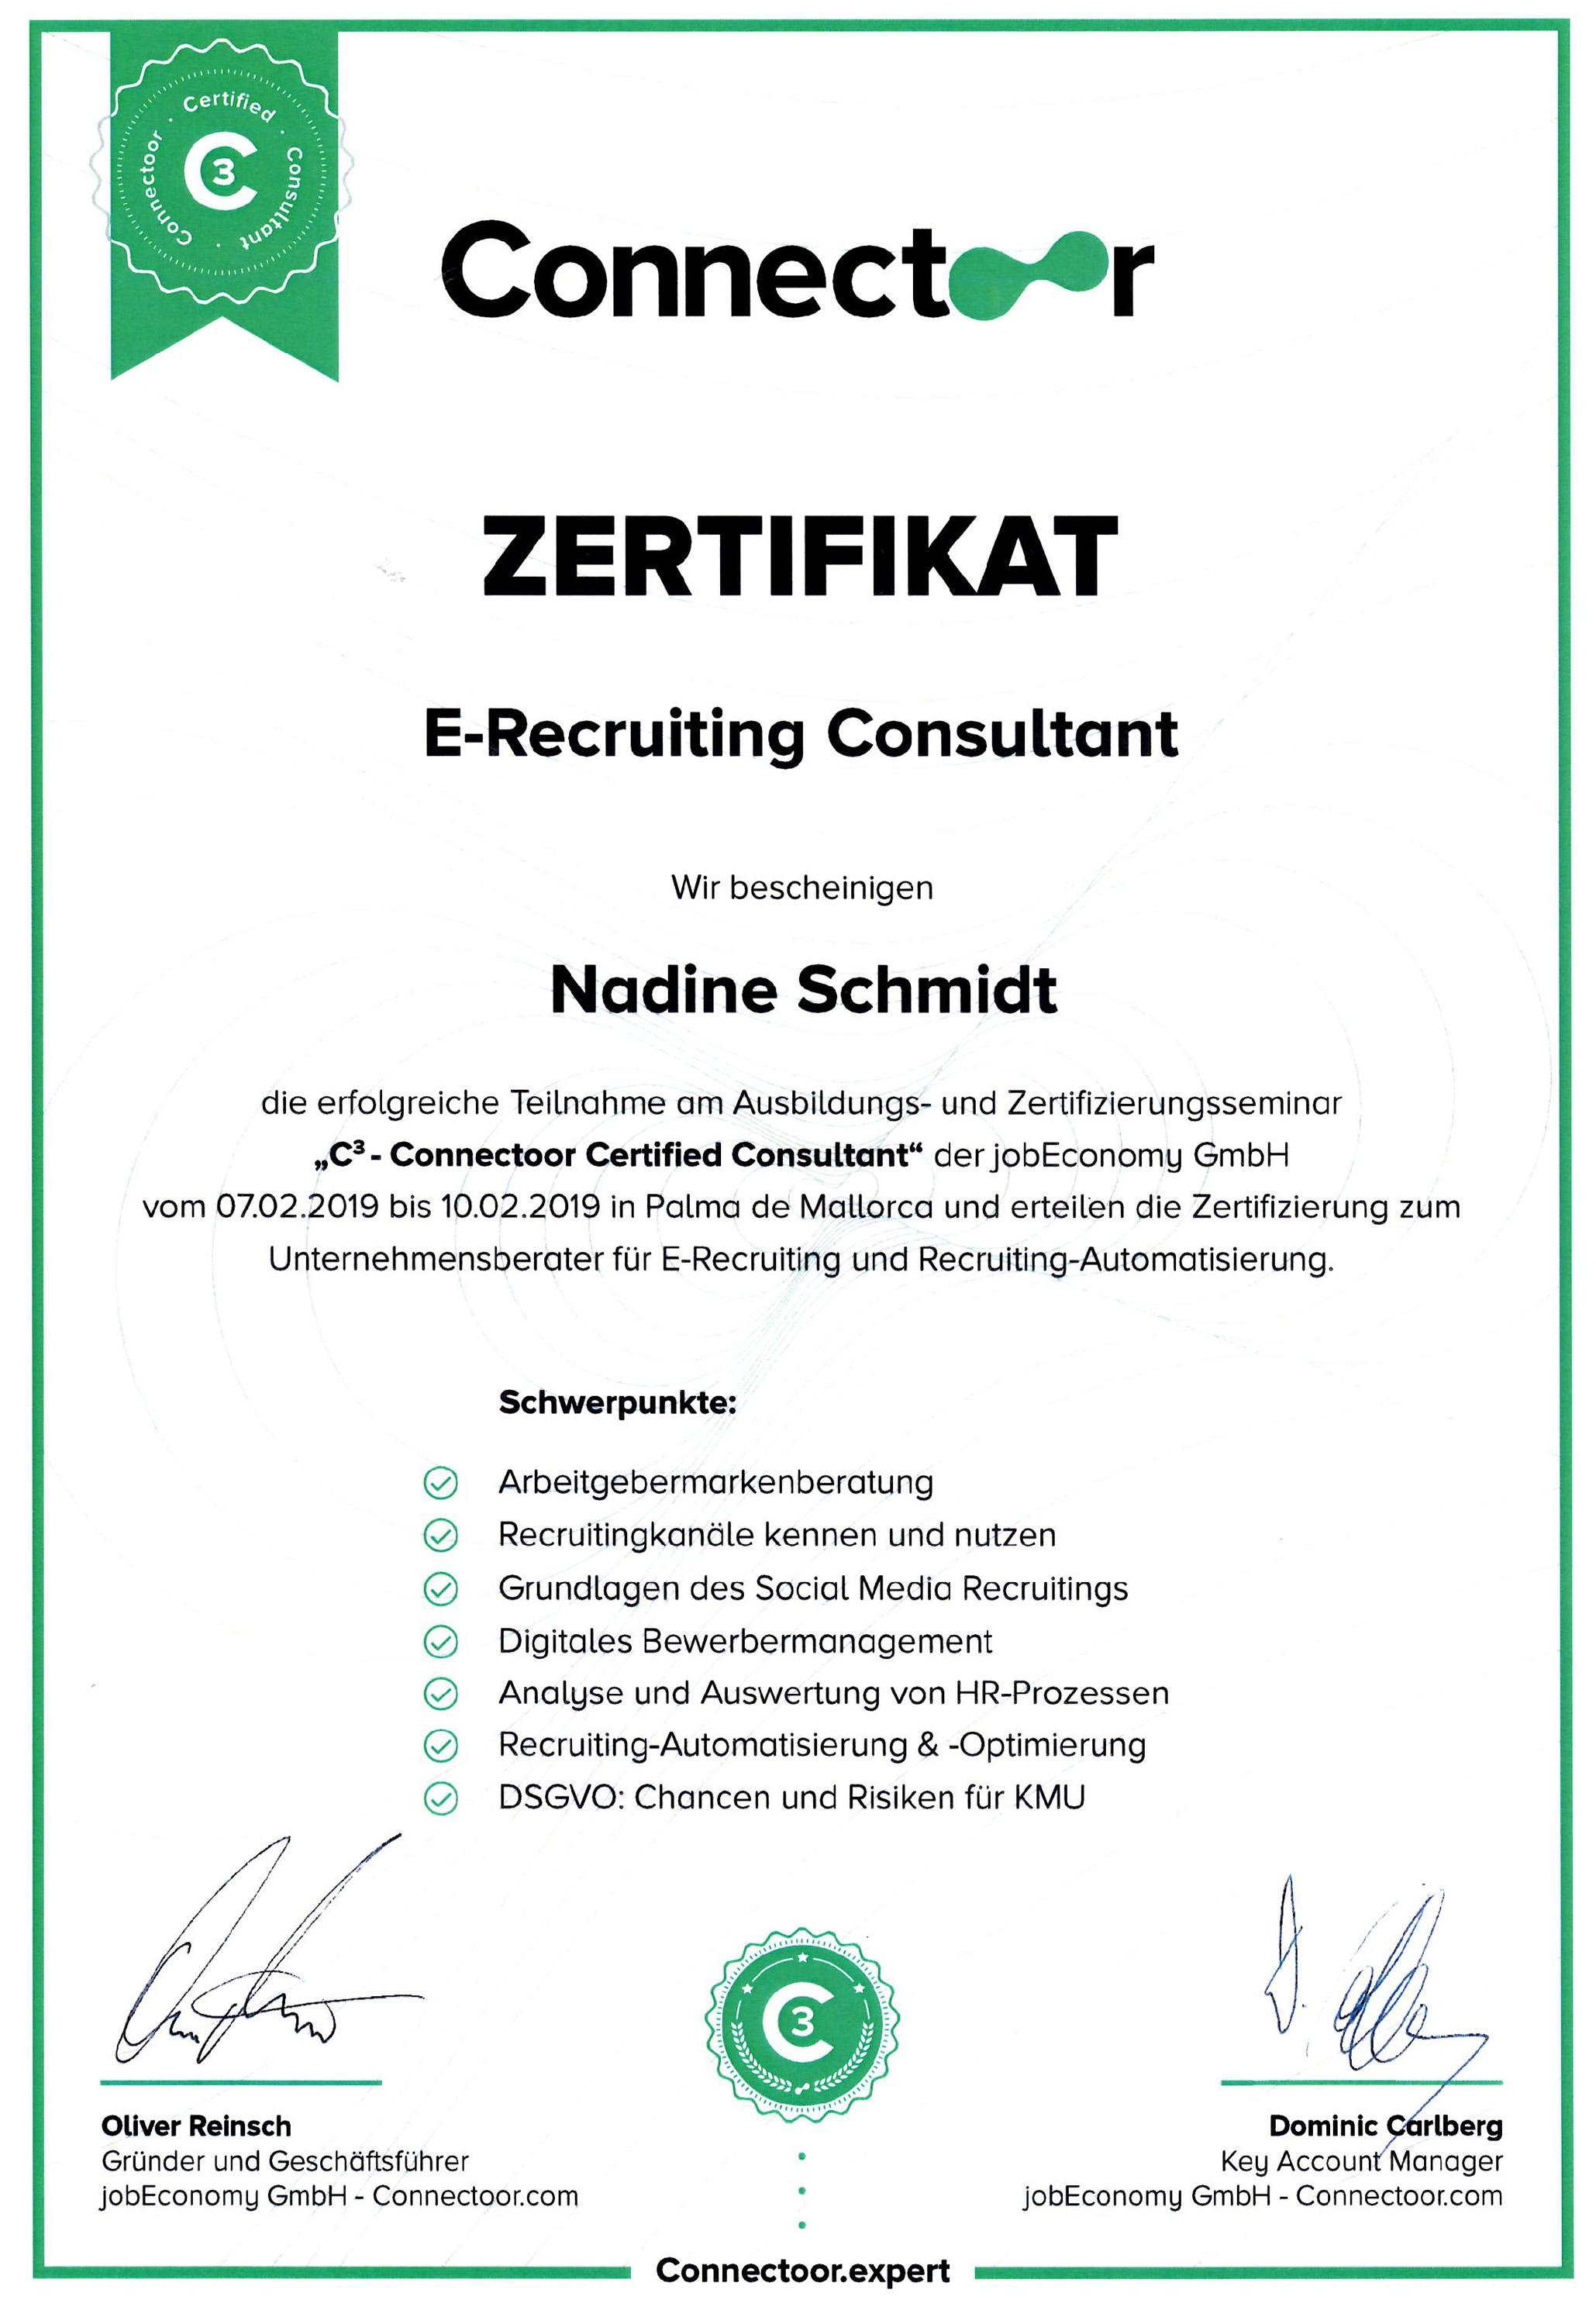 Connectoor-Zertifikat_Nadine-Schmidt